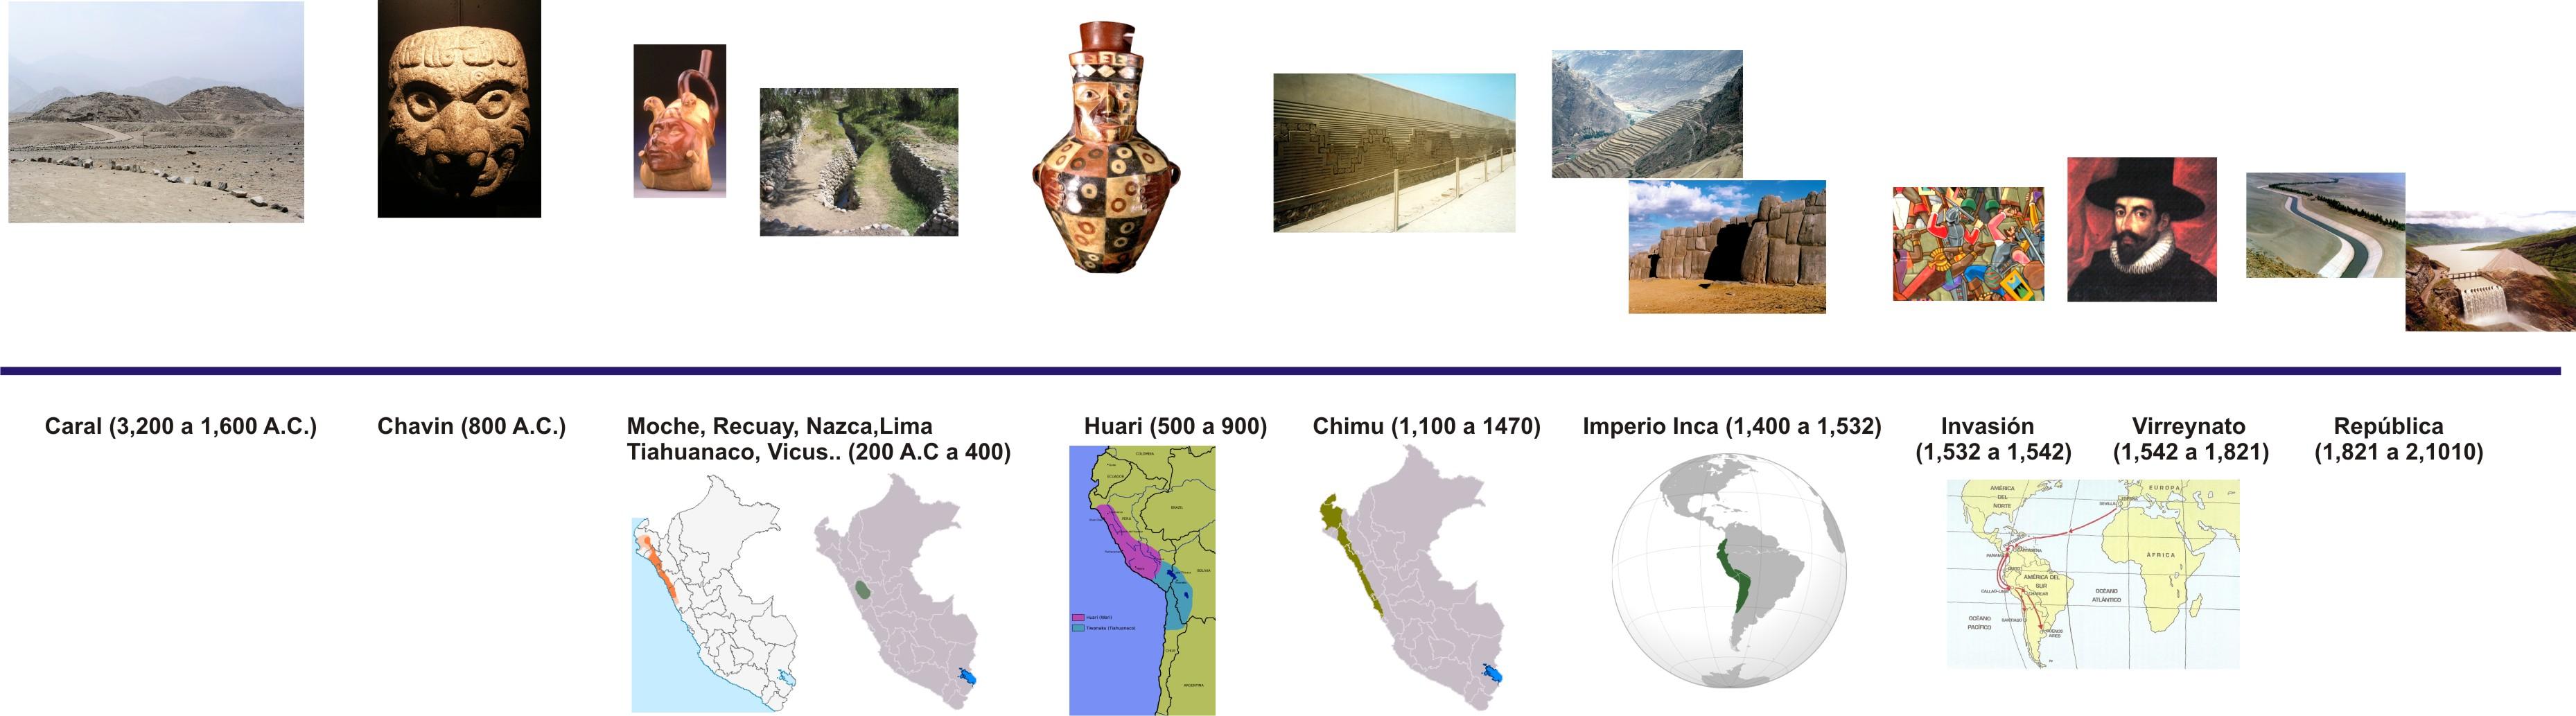 Línea del tiempo peruana